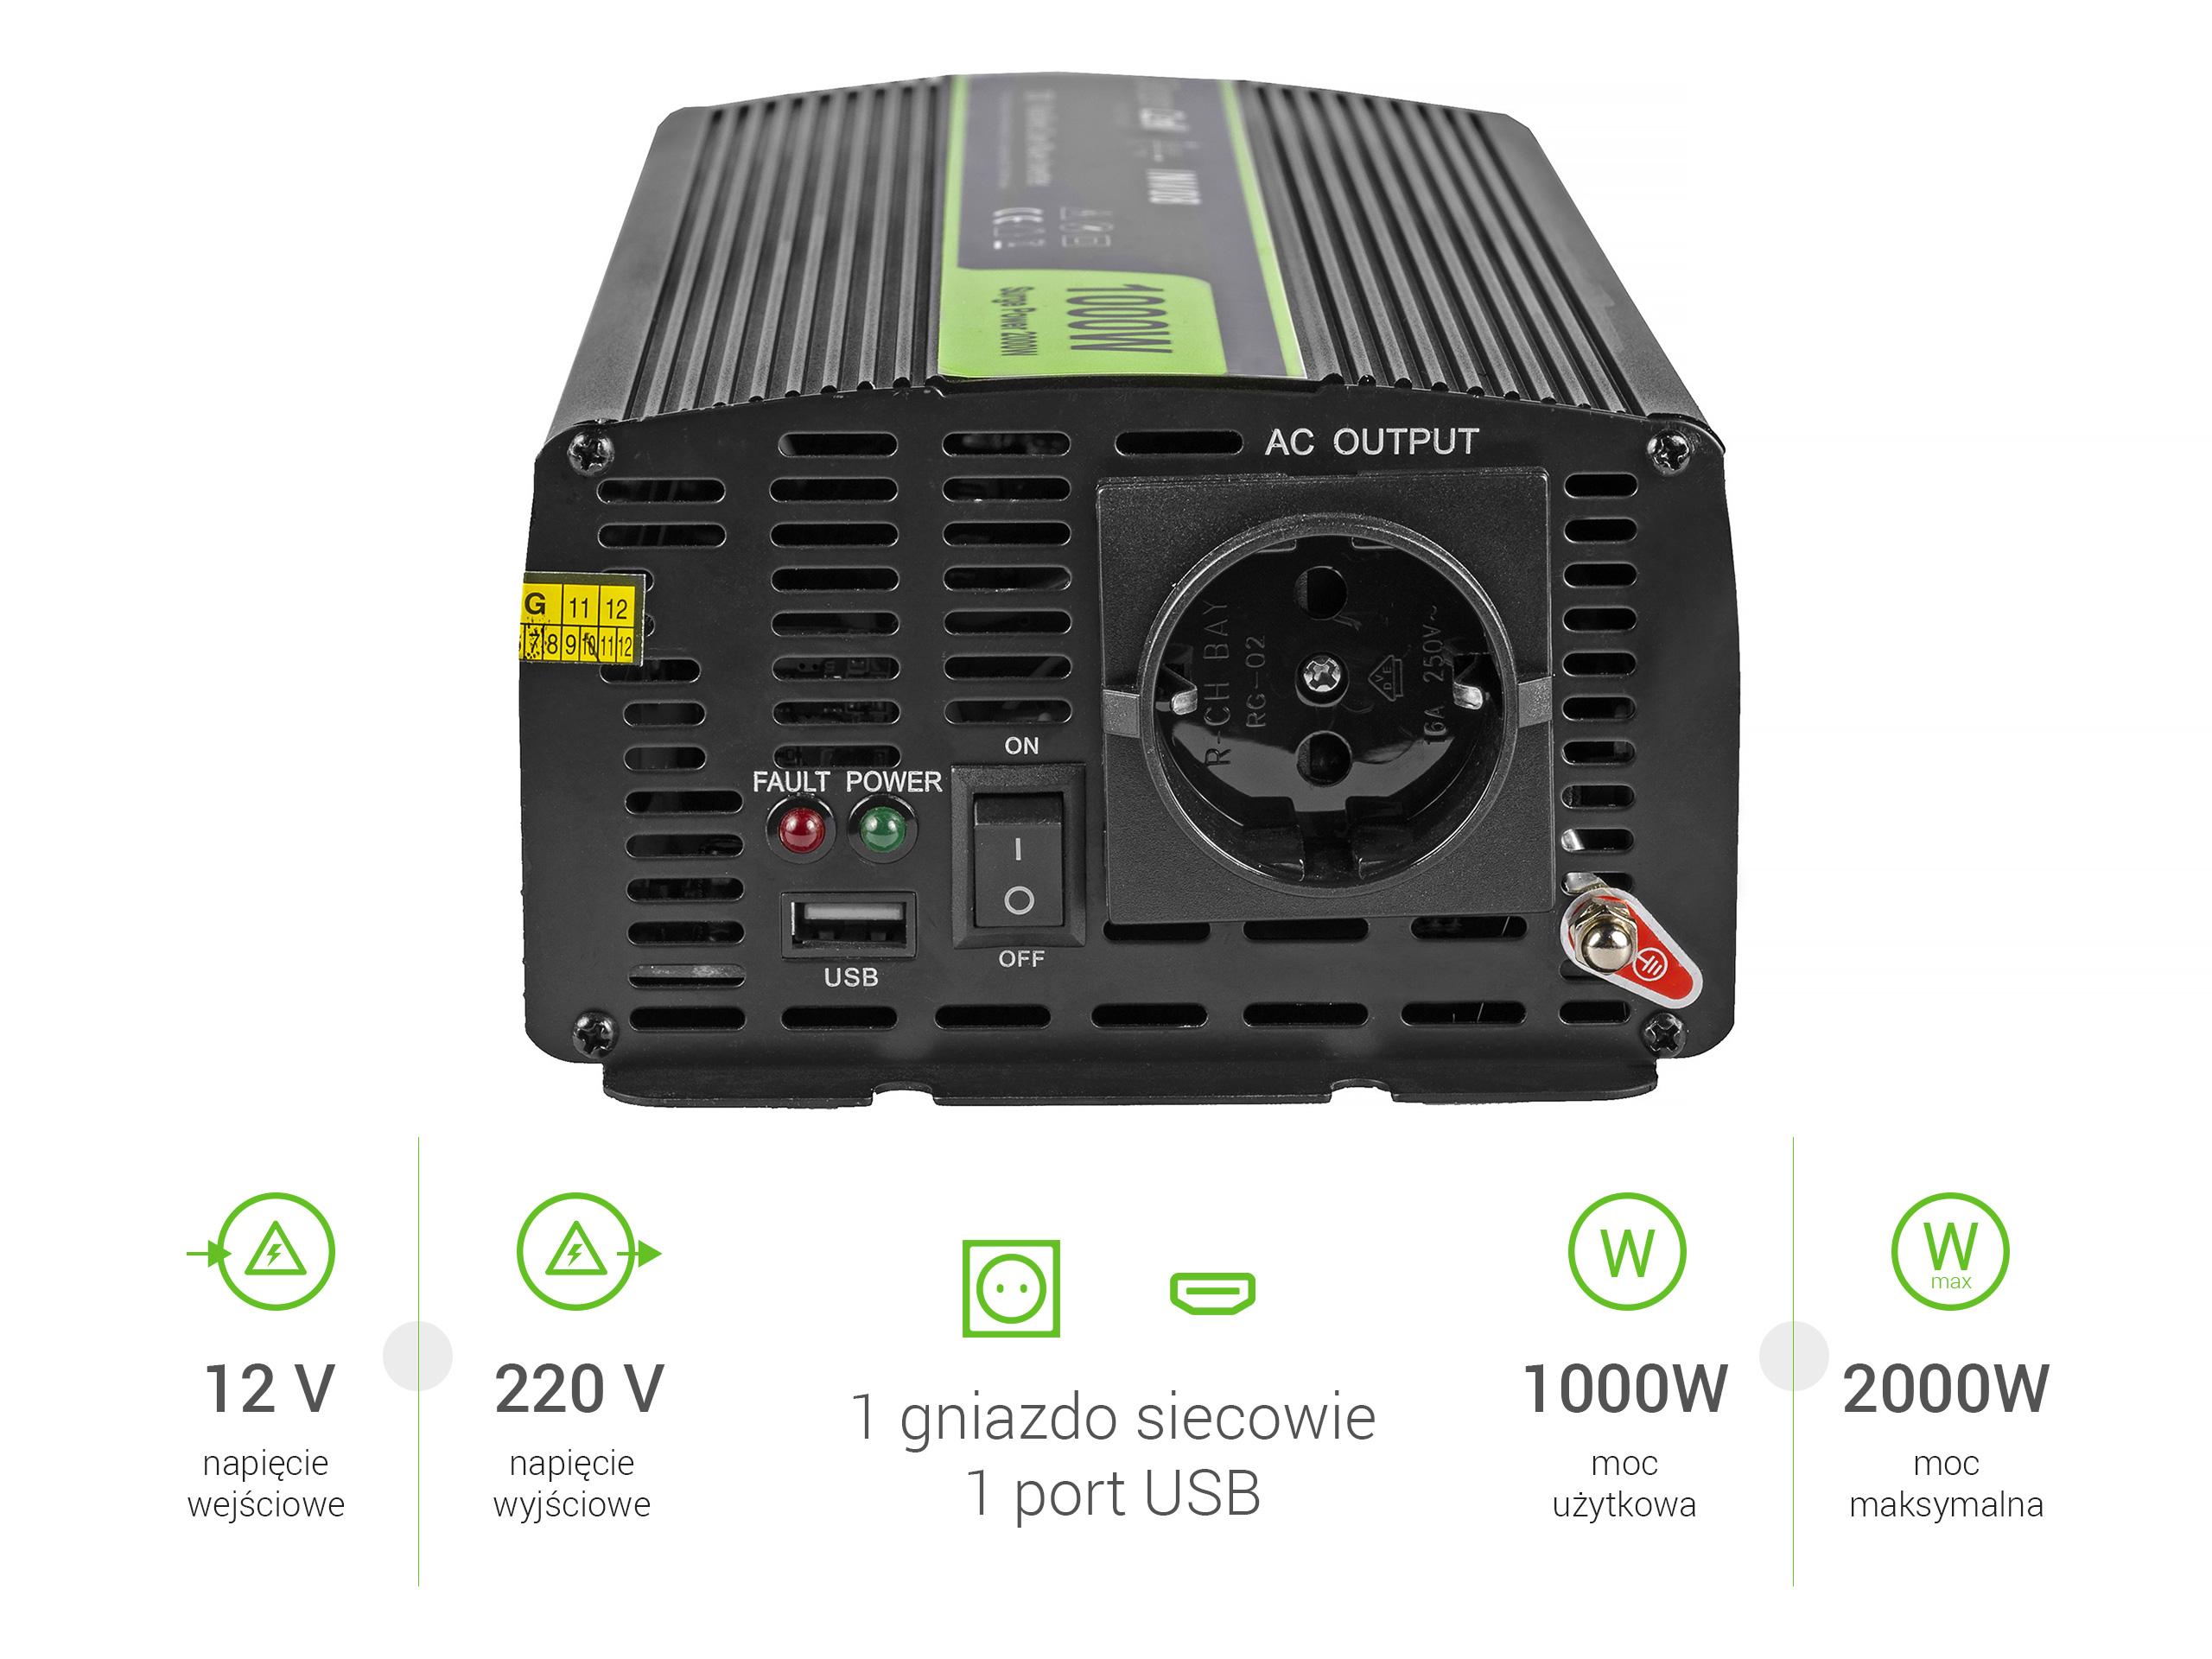 Przetwornica samochodowa napięcia 12V do 220V 1000W 2000W